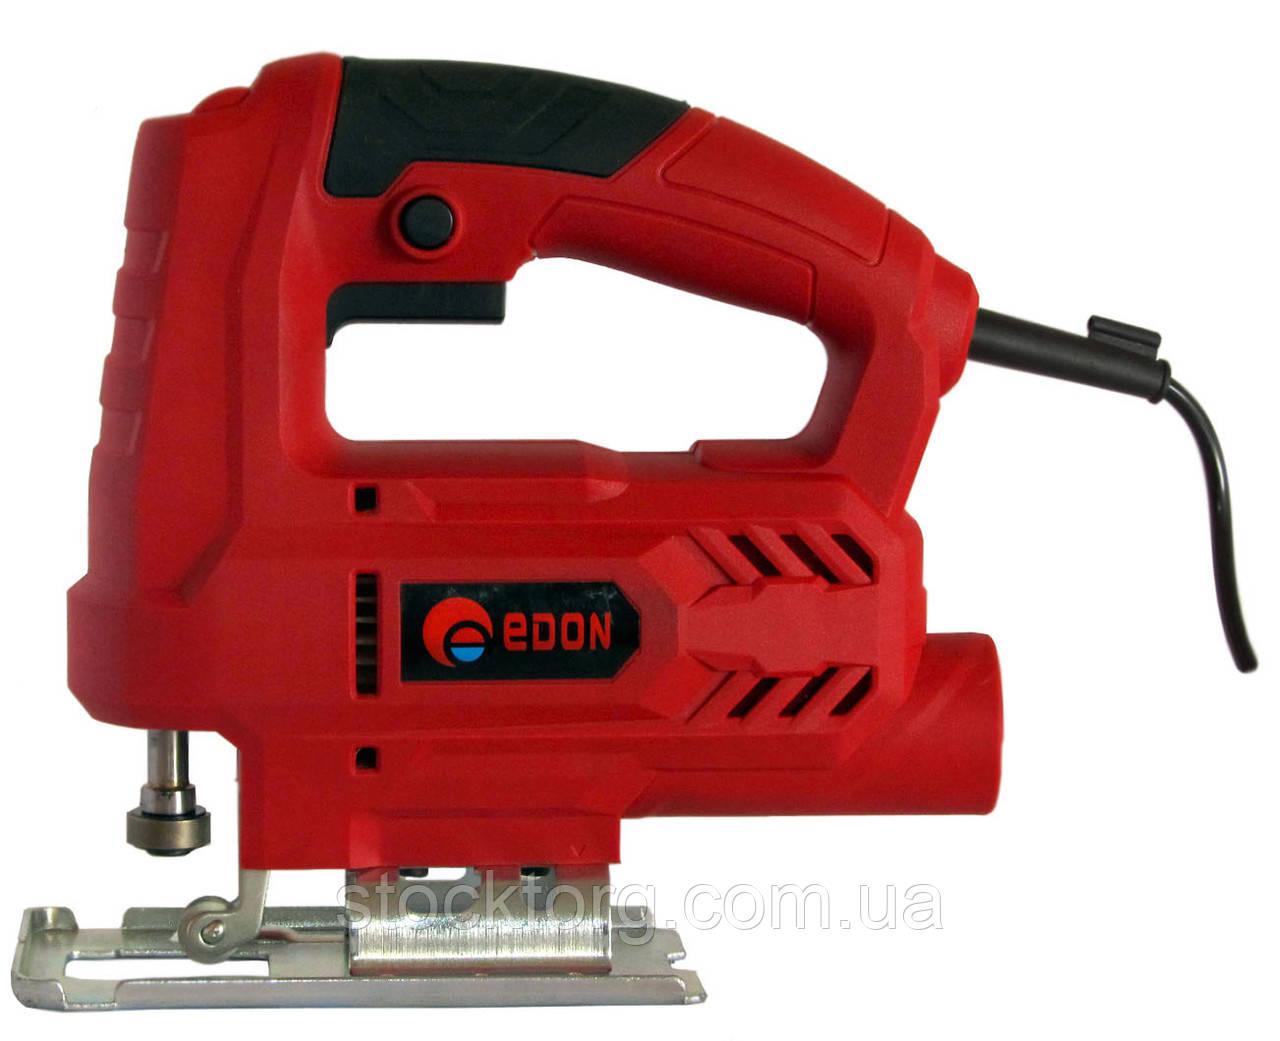 Електролобзик Edon JS-65/550R